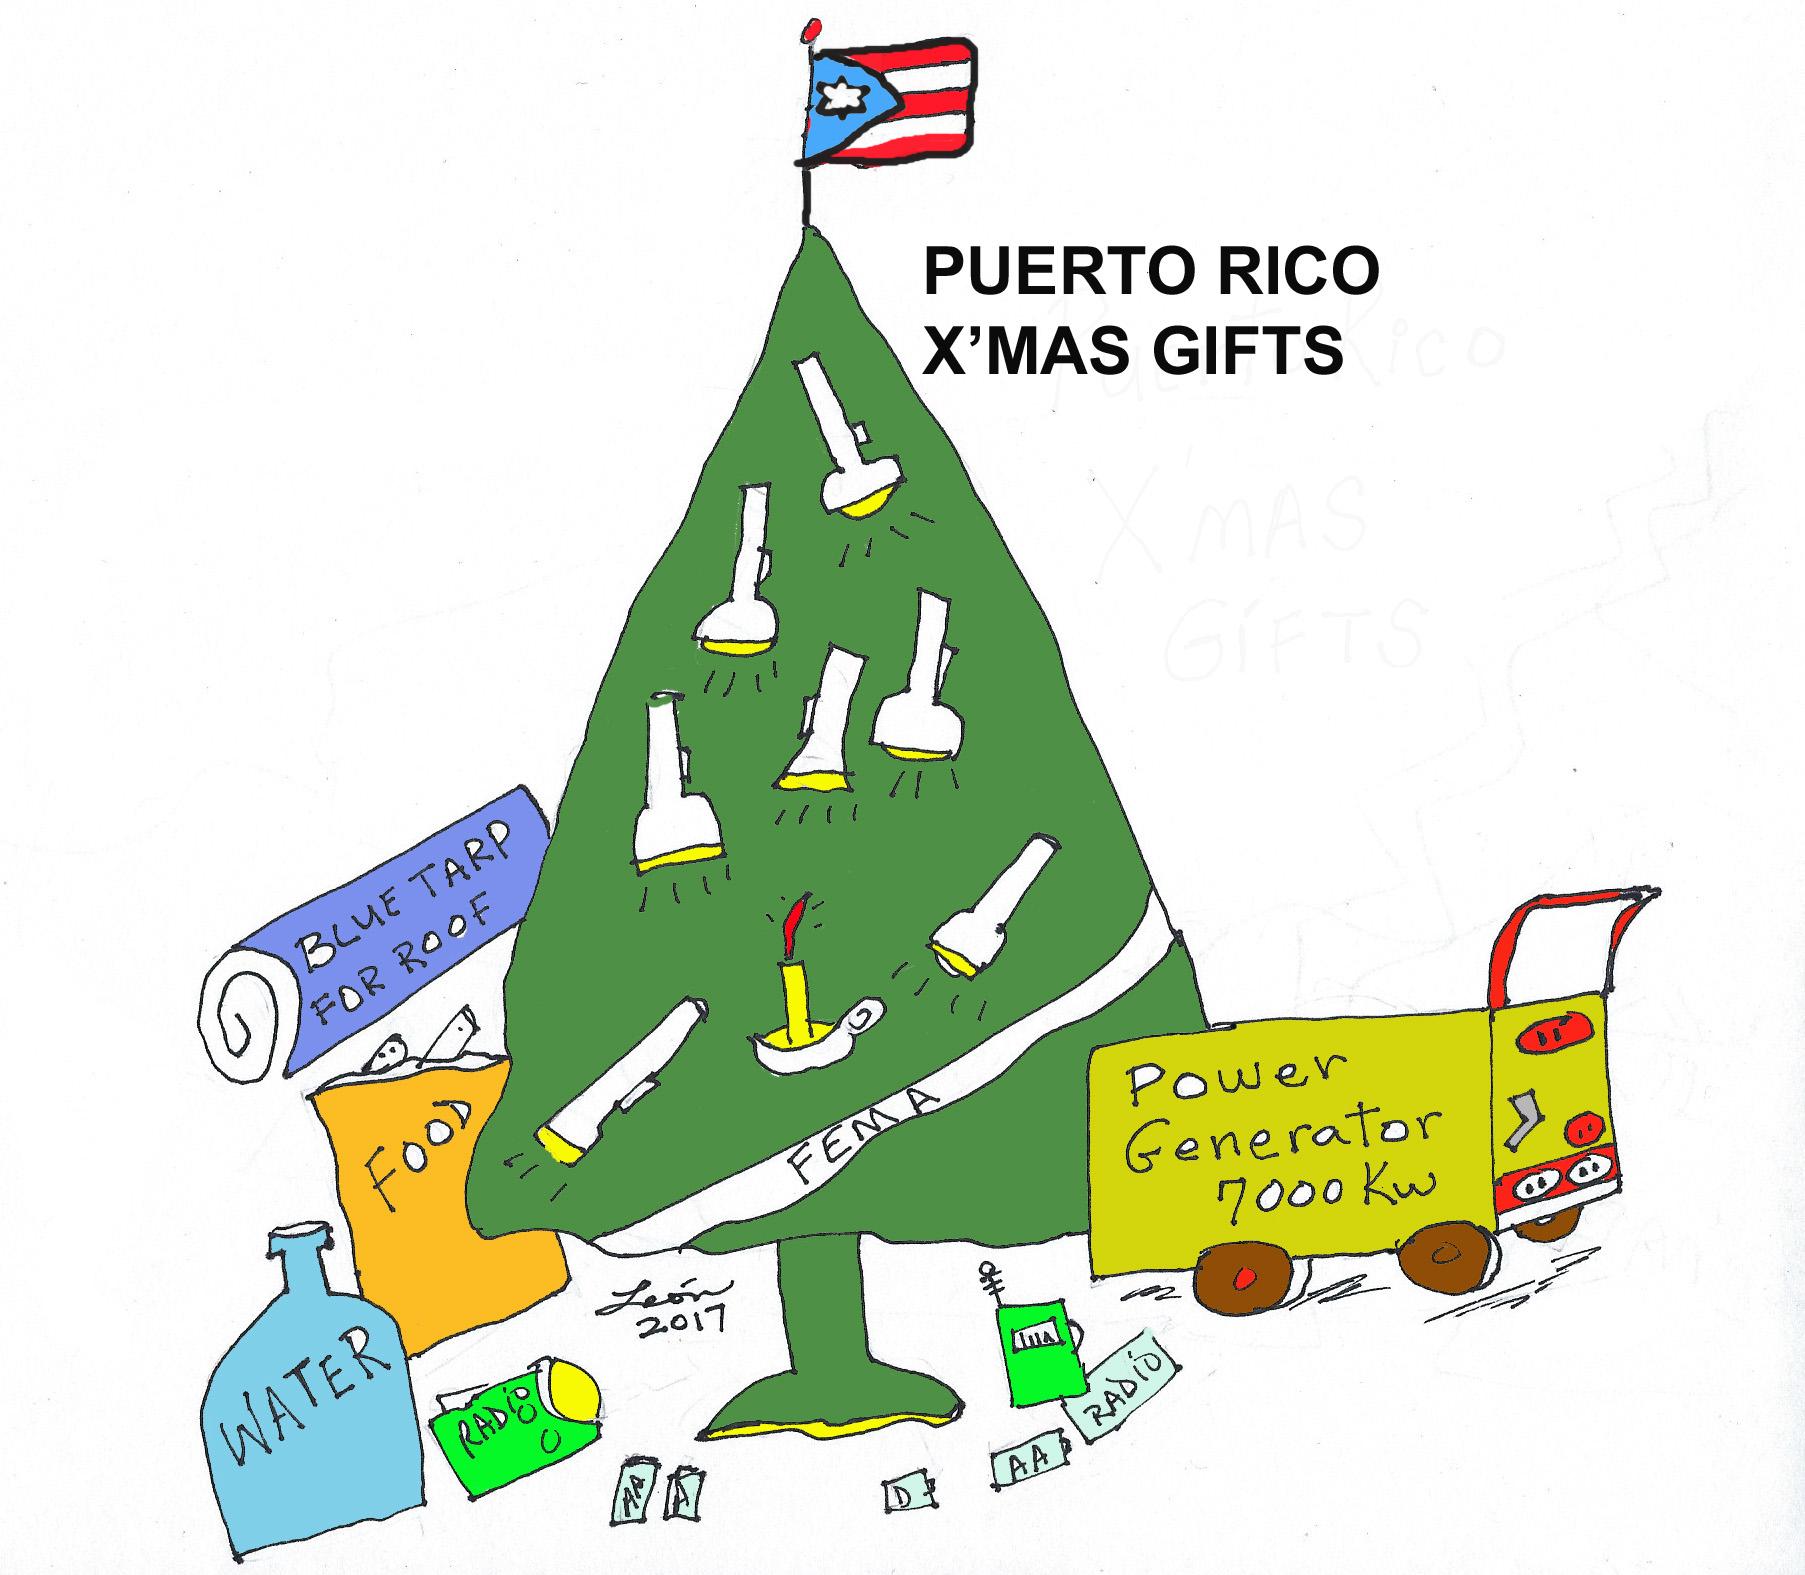 Caricaturas de Puerto Rico: Describe los regalos de navidad de esta temporada en Puerto Rico debido al huracán Maria